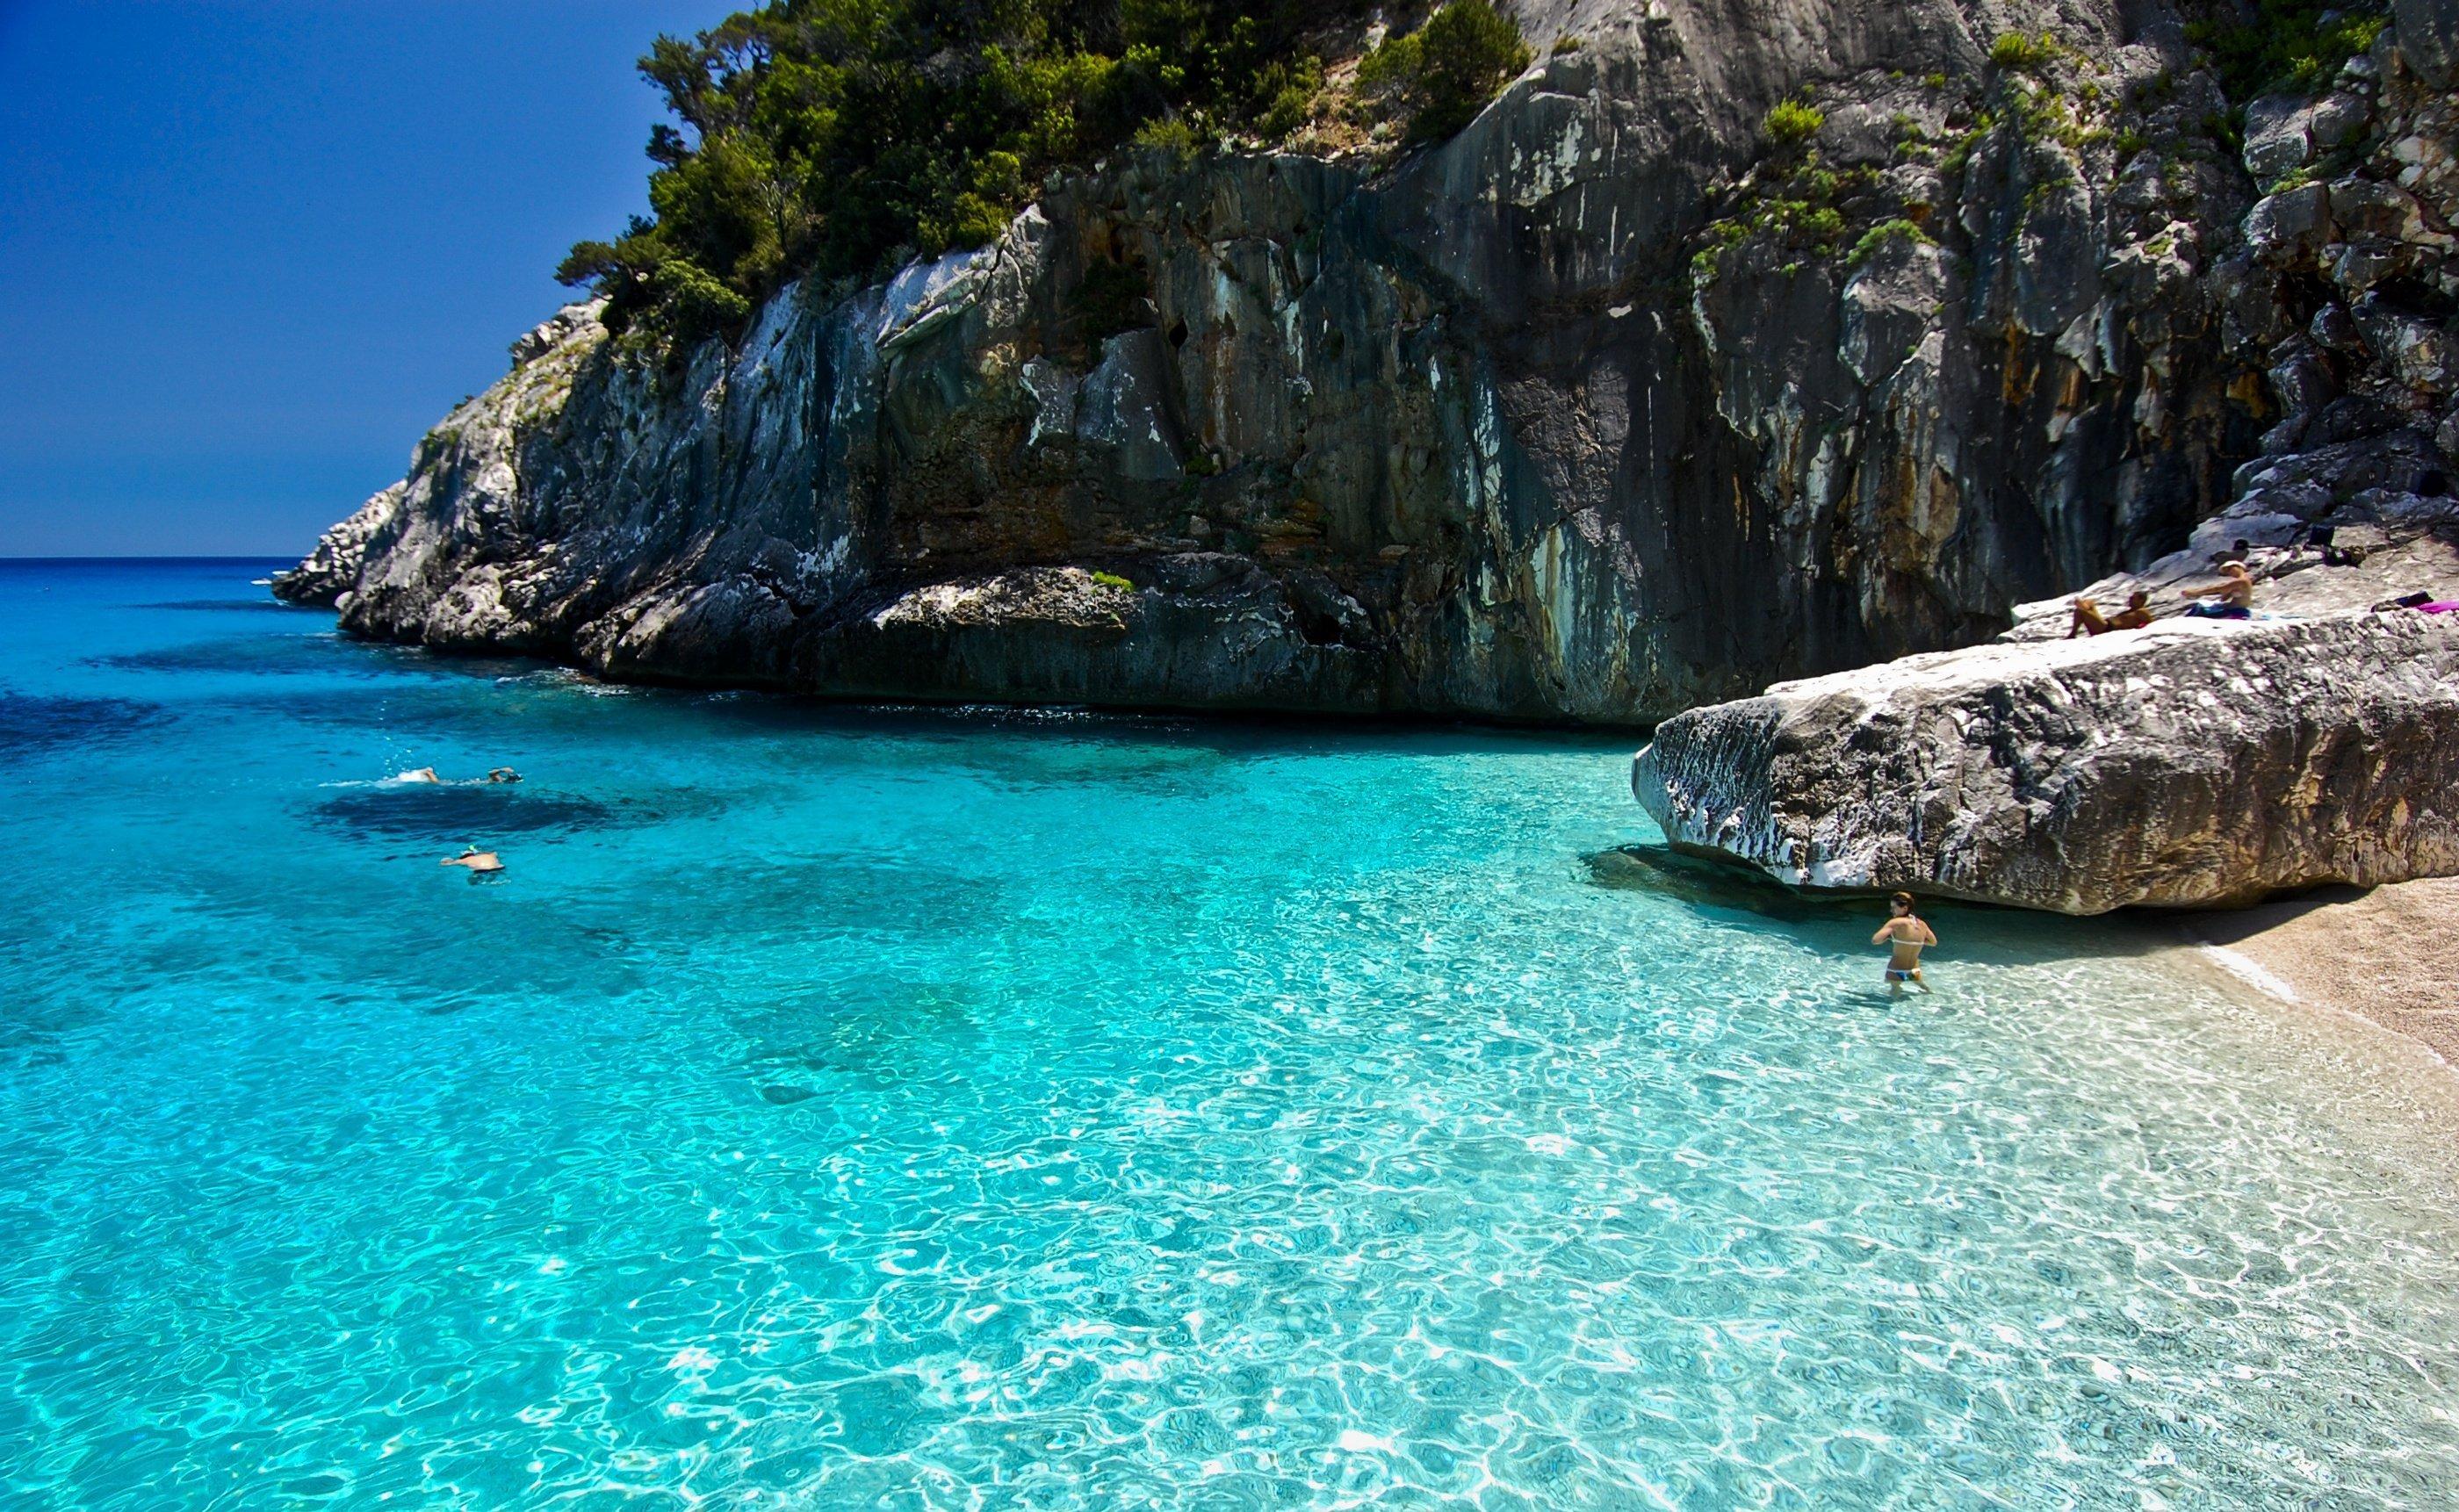 около лучшие пляжи италии фото заявку нашем